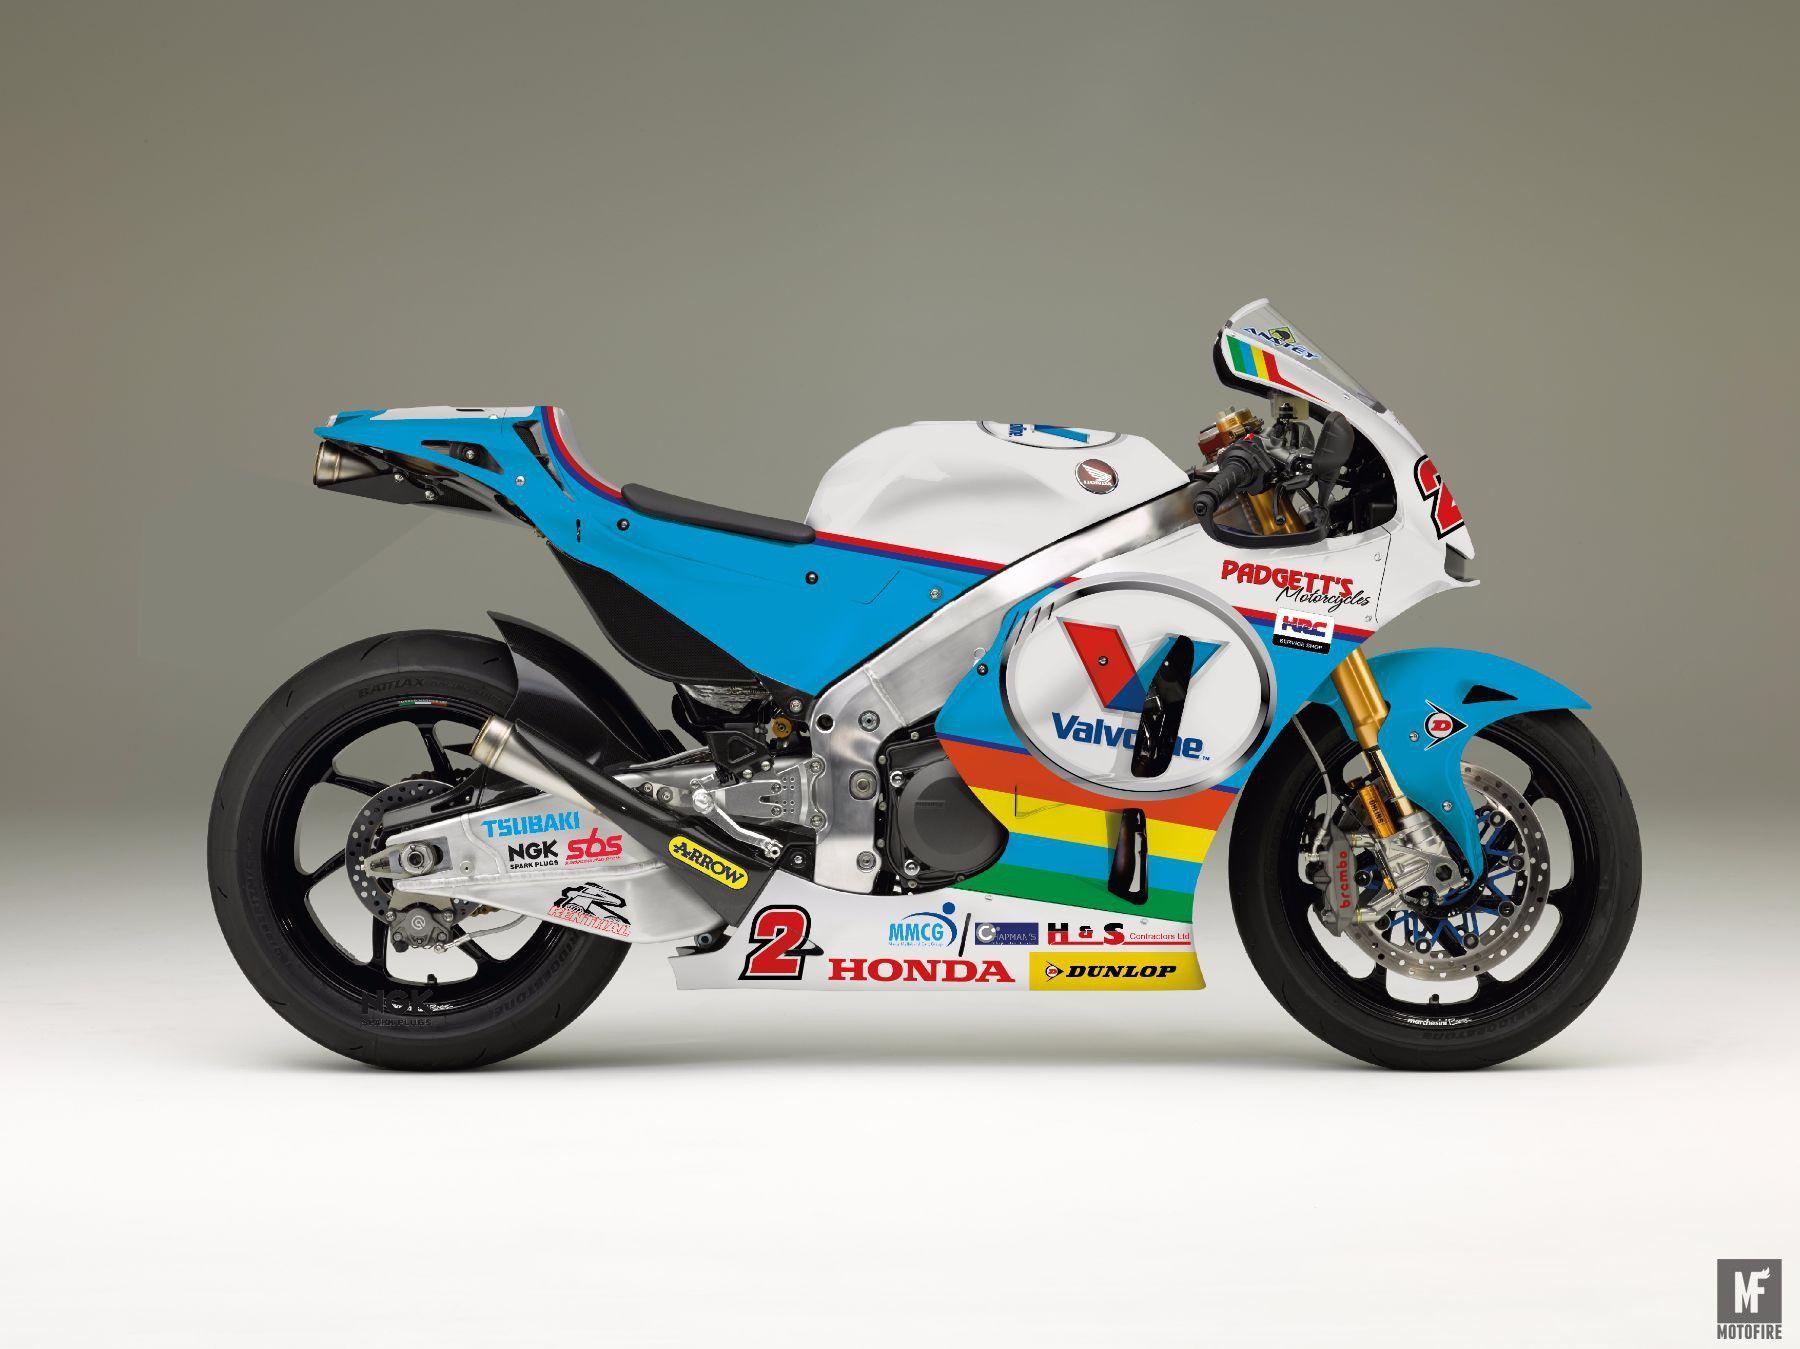 Fastest Ever Tt Winner Is Racing The Motogp Inspired Honda Rcv At